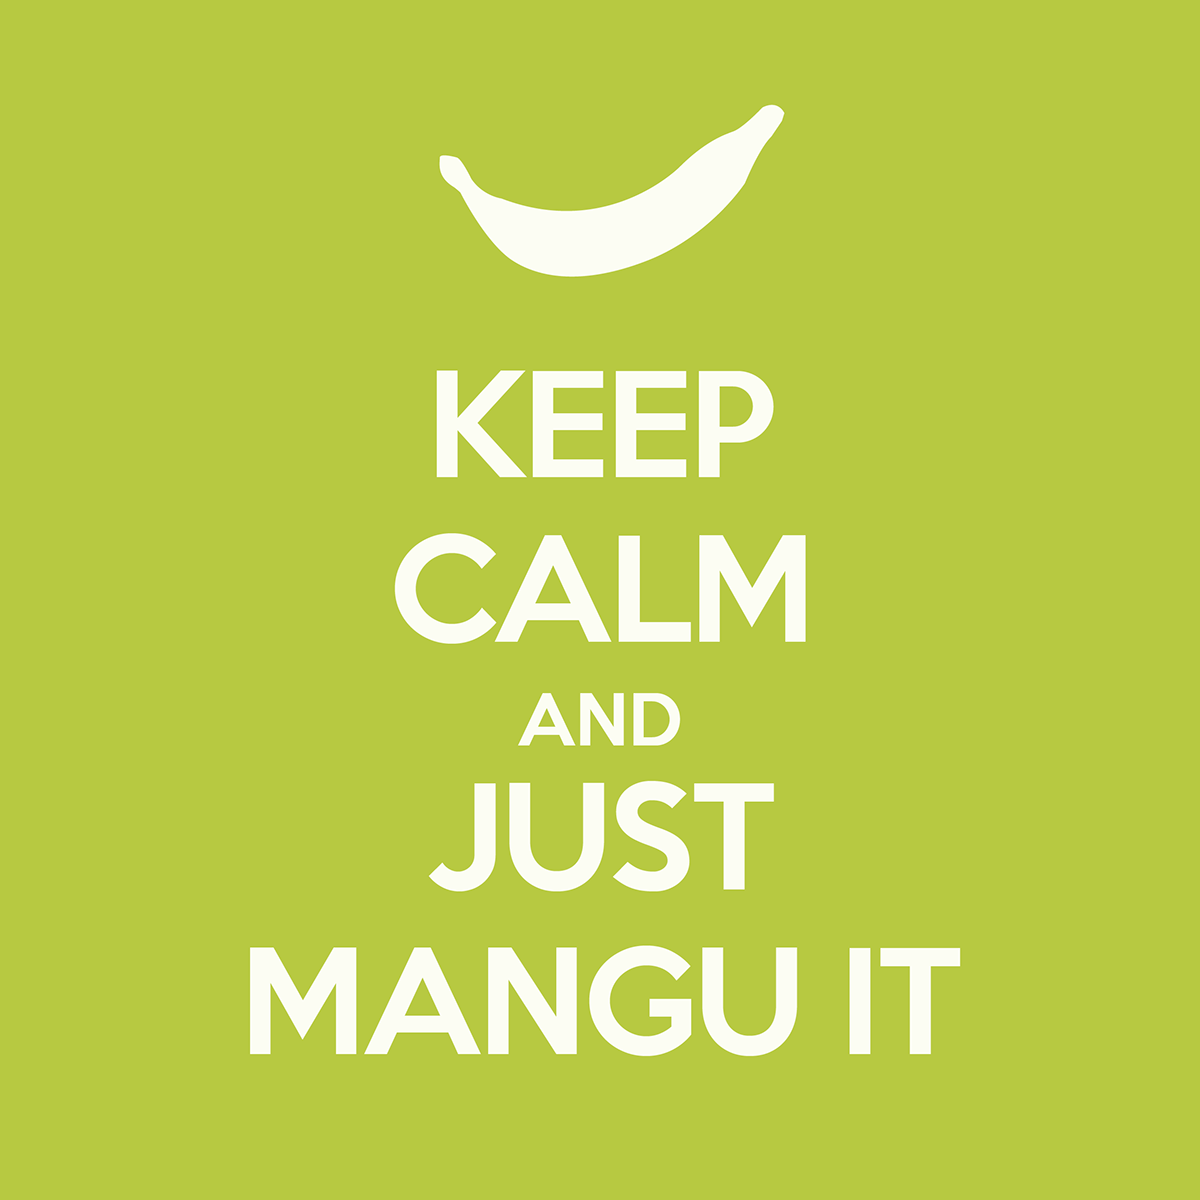 mangu muchodeto colectivo28c justmanguit dominican Plantain platano Dominican republic Republica Dominicana